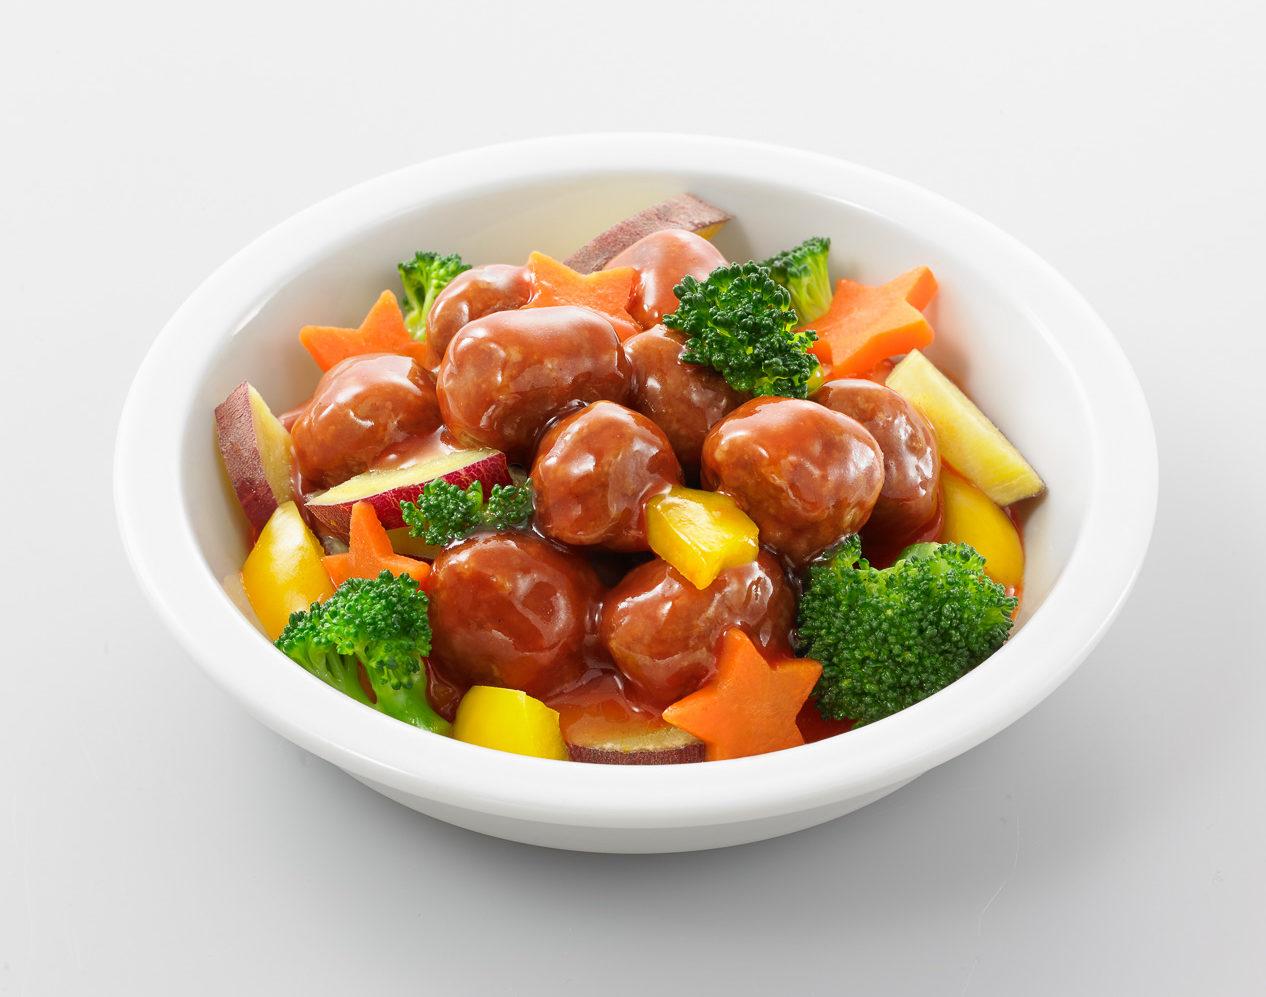 ミートボール入り温野菜